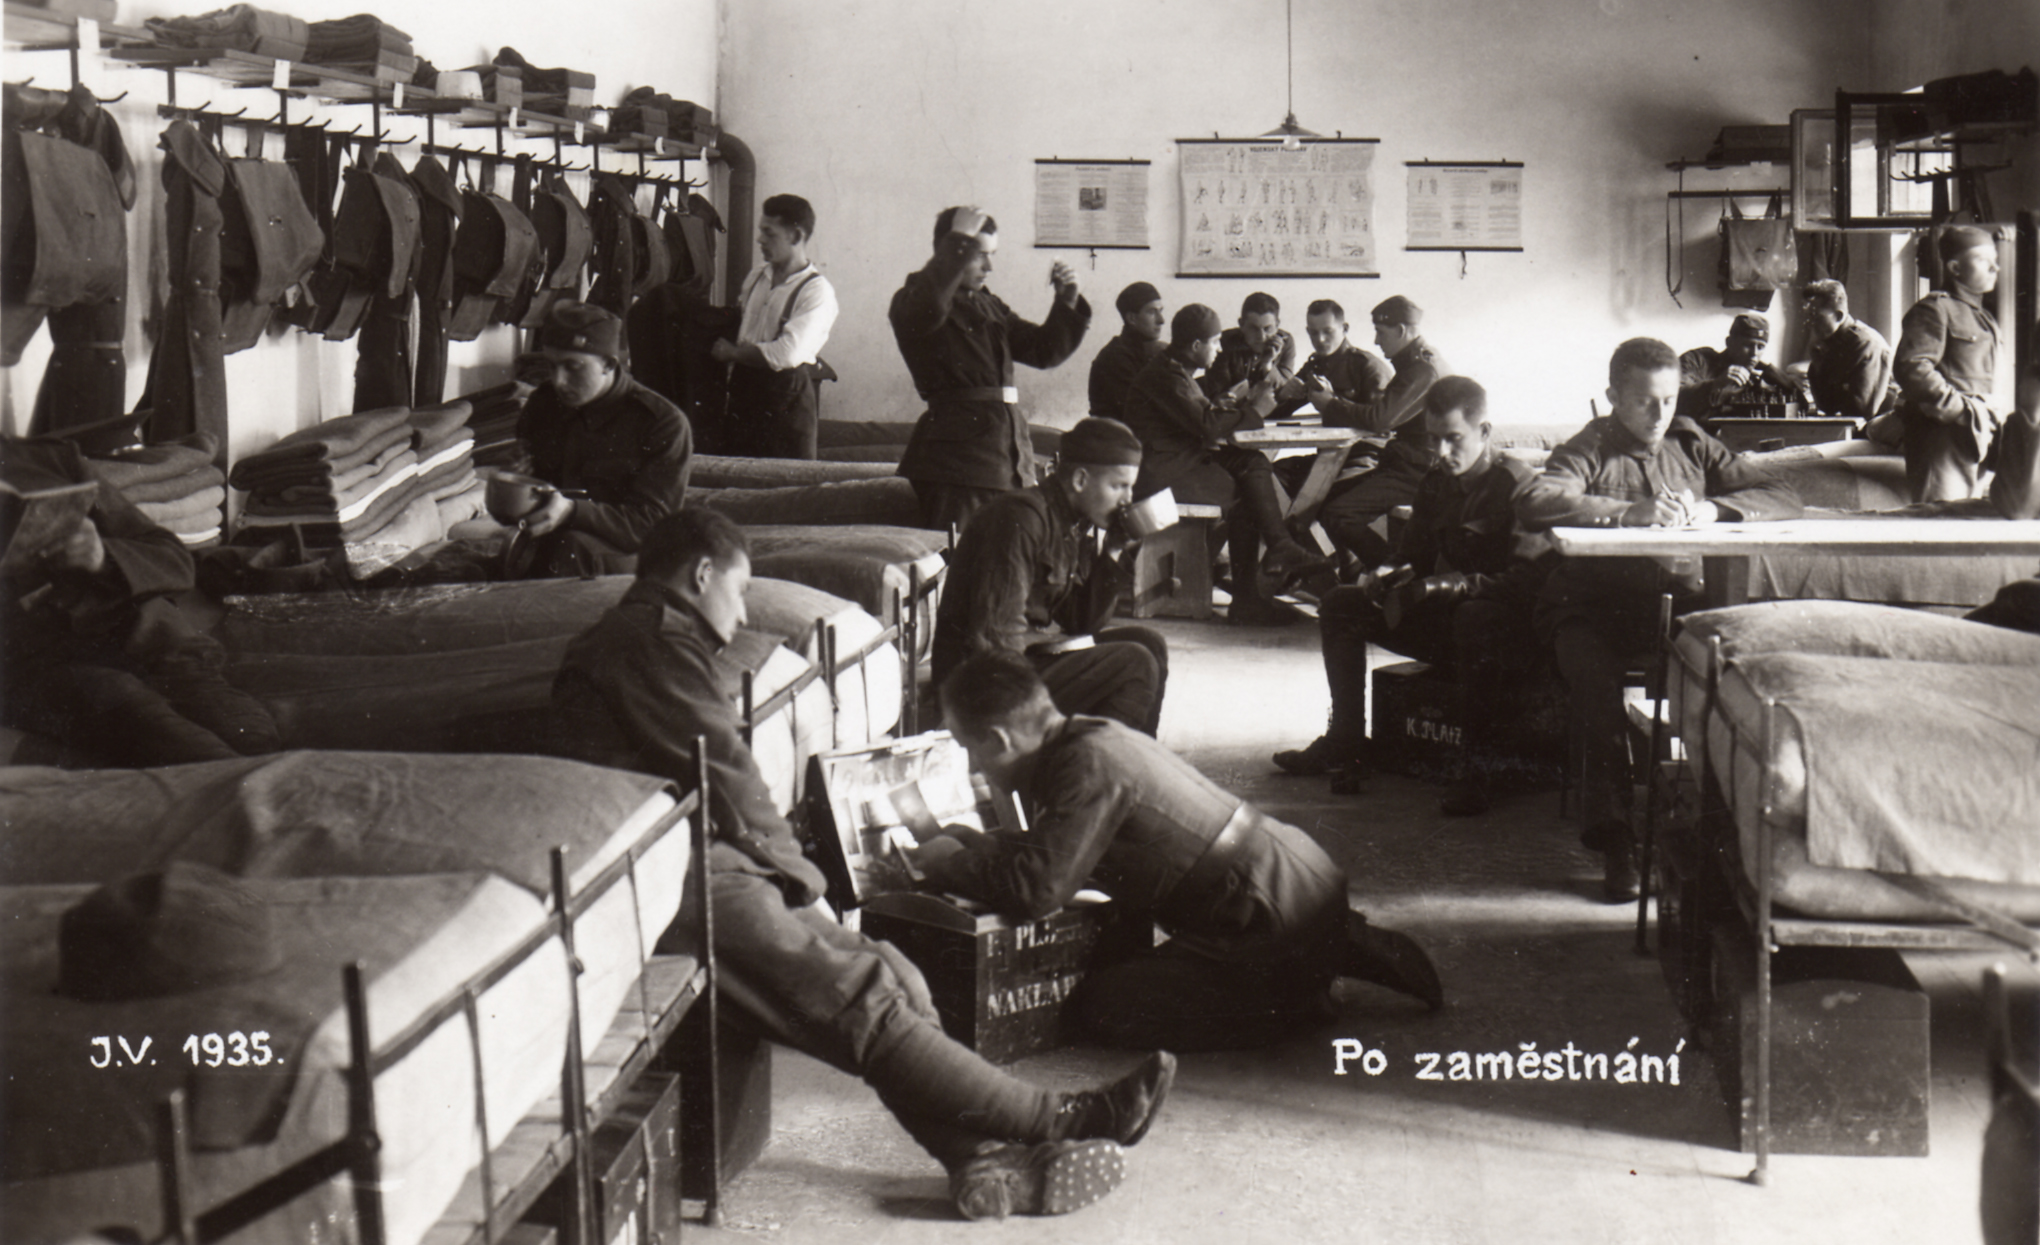 Vojáci při odpočinku v roce 1935